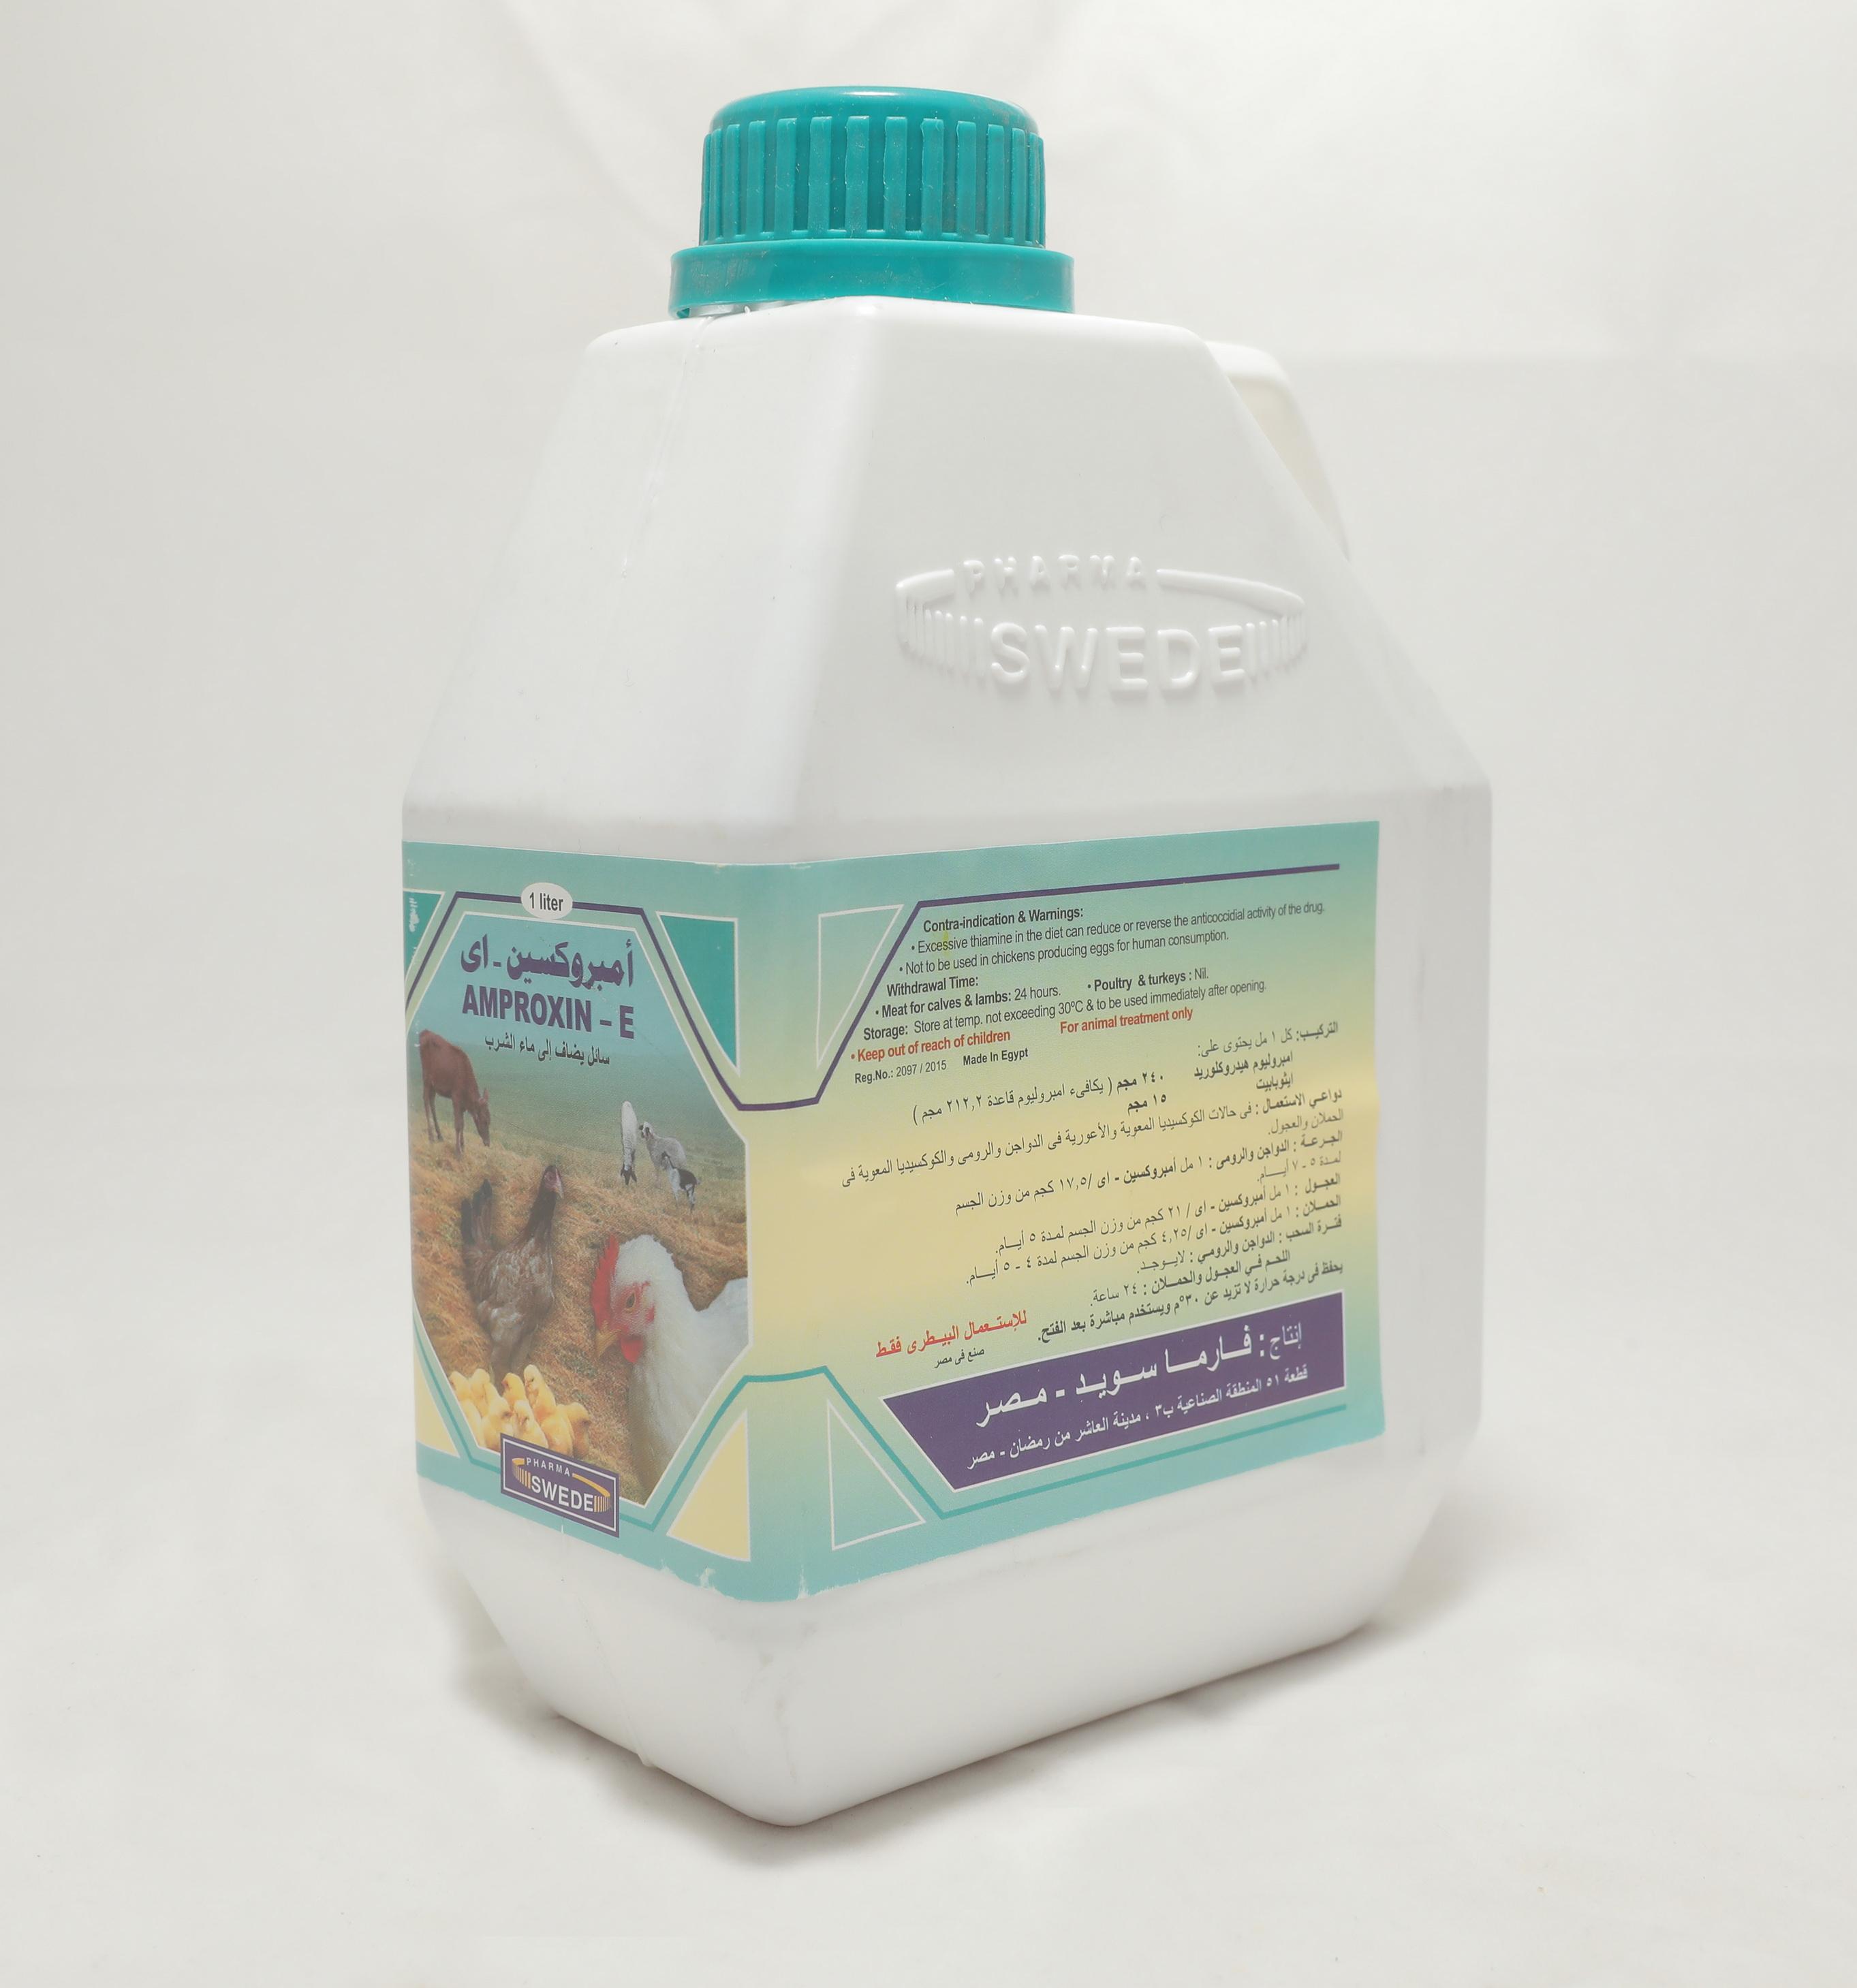 Amproxin-E Liquid